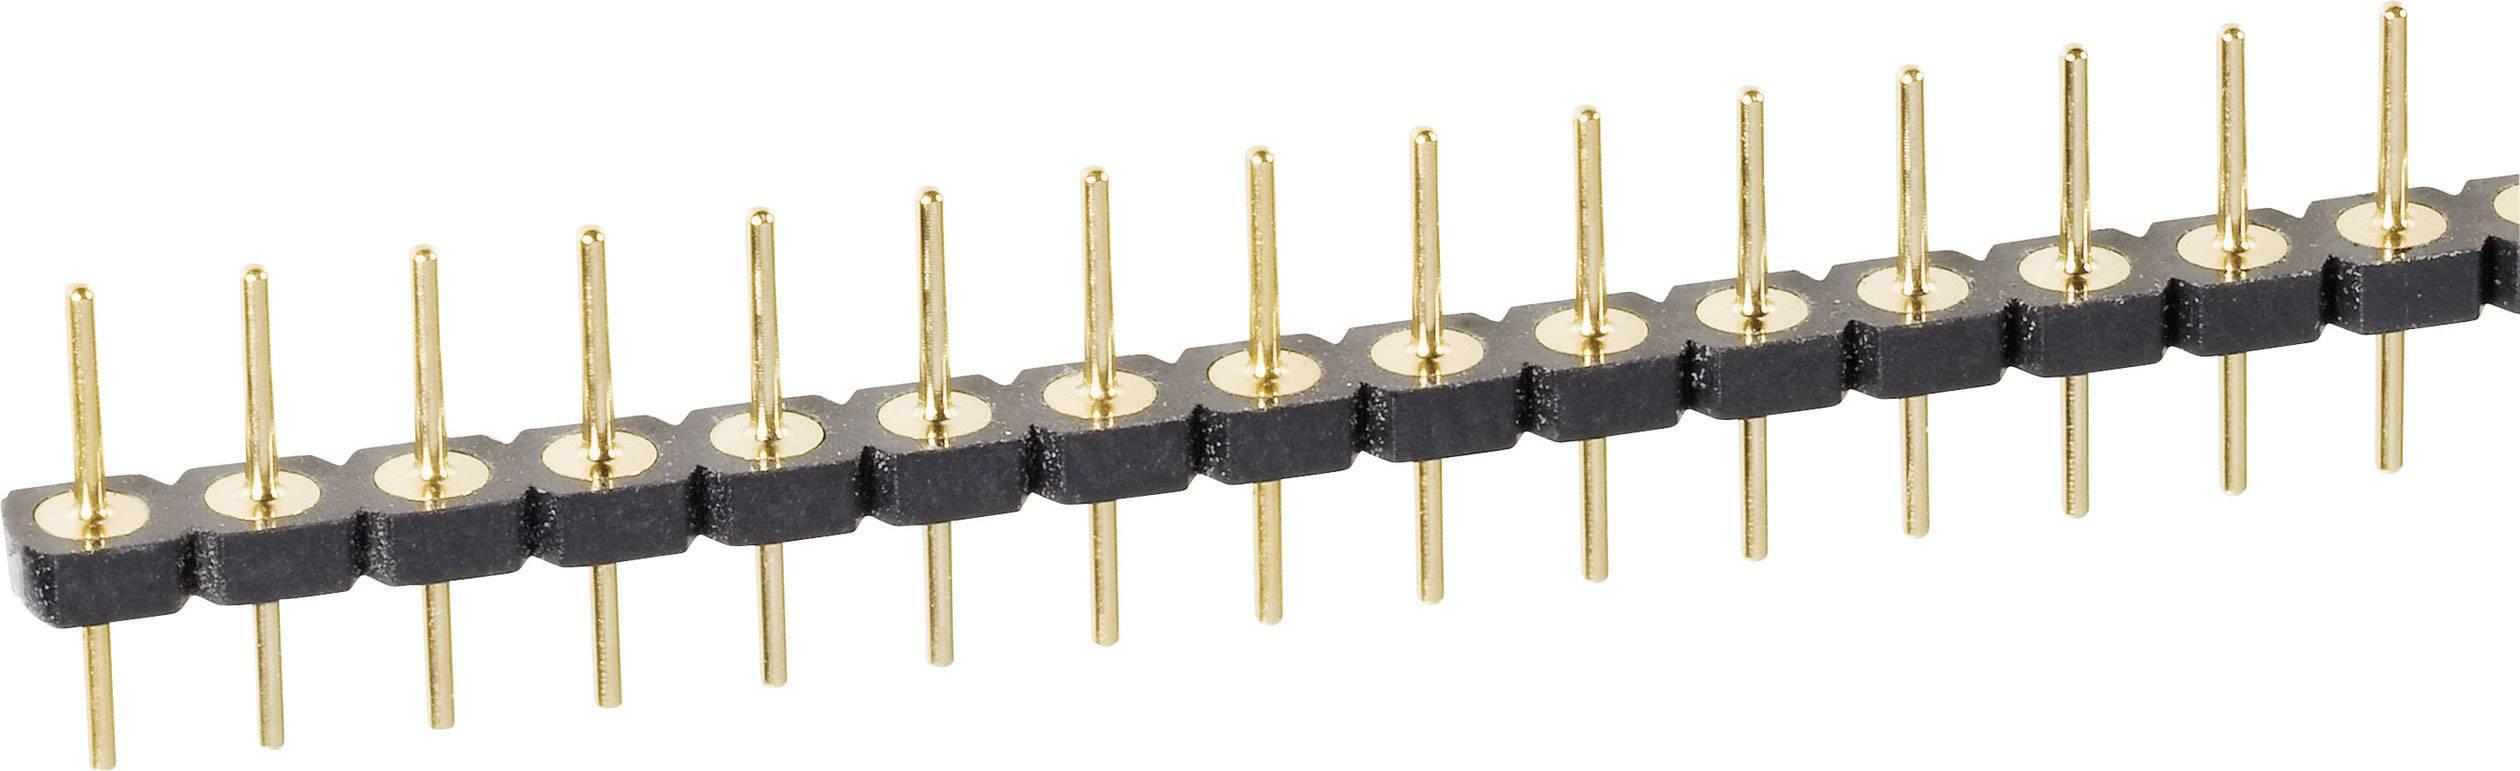 Pinová lišta (precízna) Fischer Elektronik MK LP 41/ 50/Z, řádky 1, kontakty na řádek 50, 1 ks